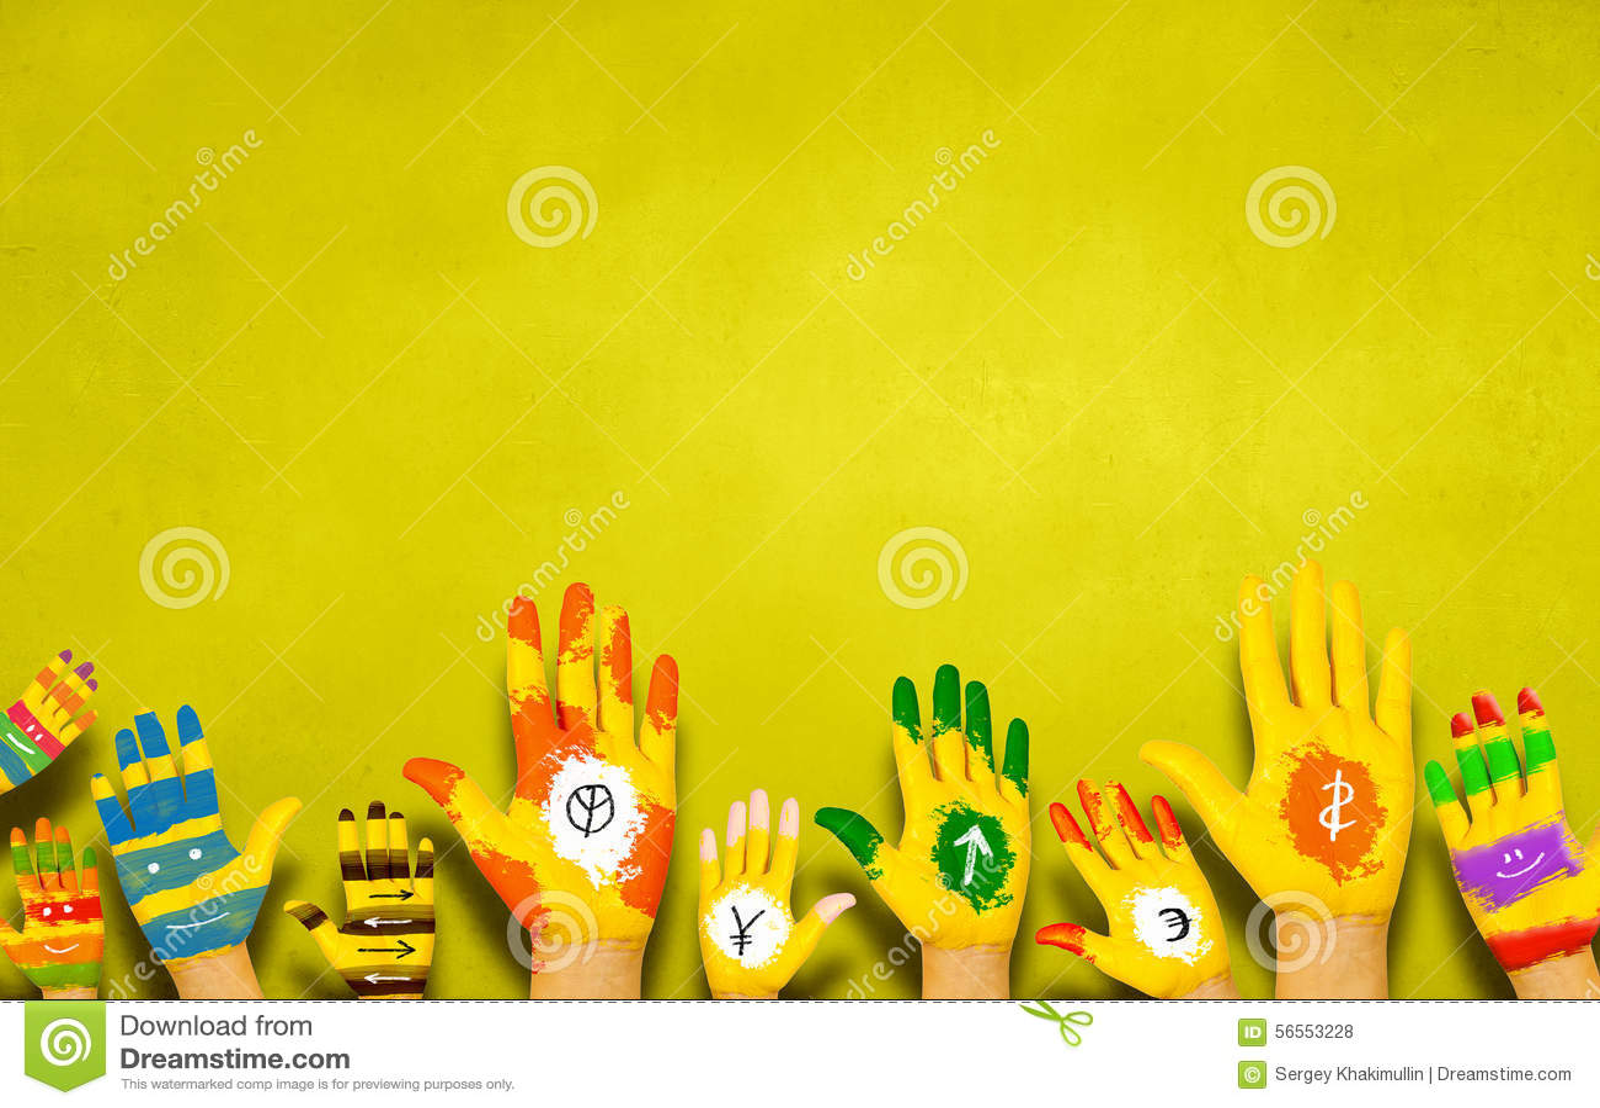 Download Προσθέστε το χρώμα στη ζωή στοκ εικόνες. εικόνα από χέρι - 56553228